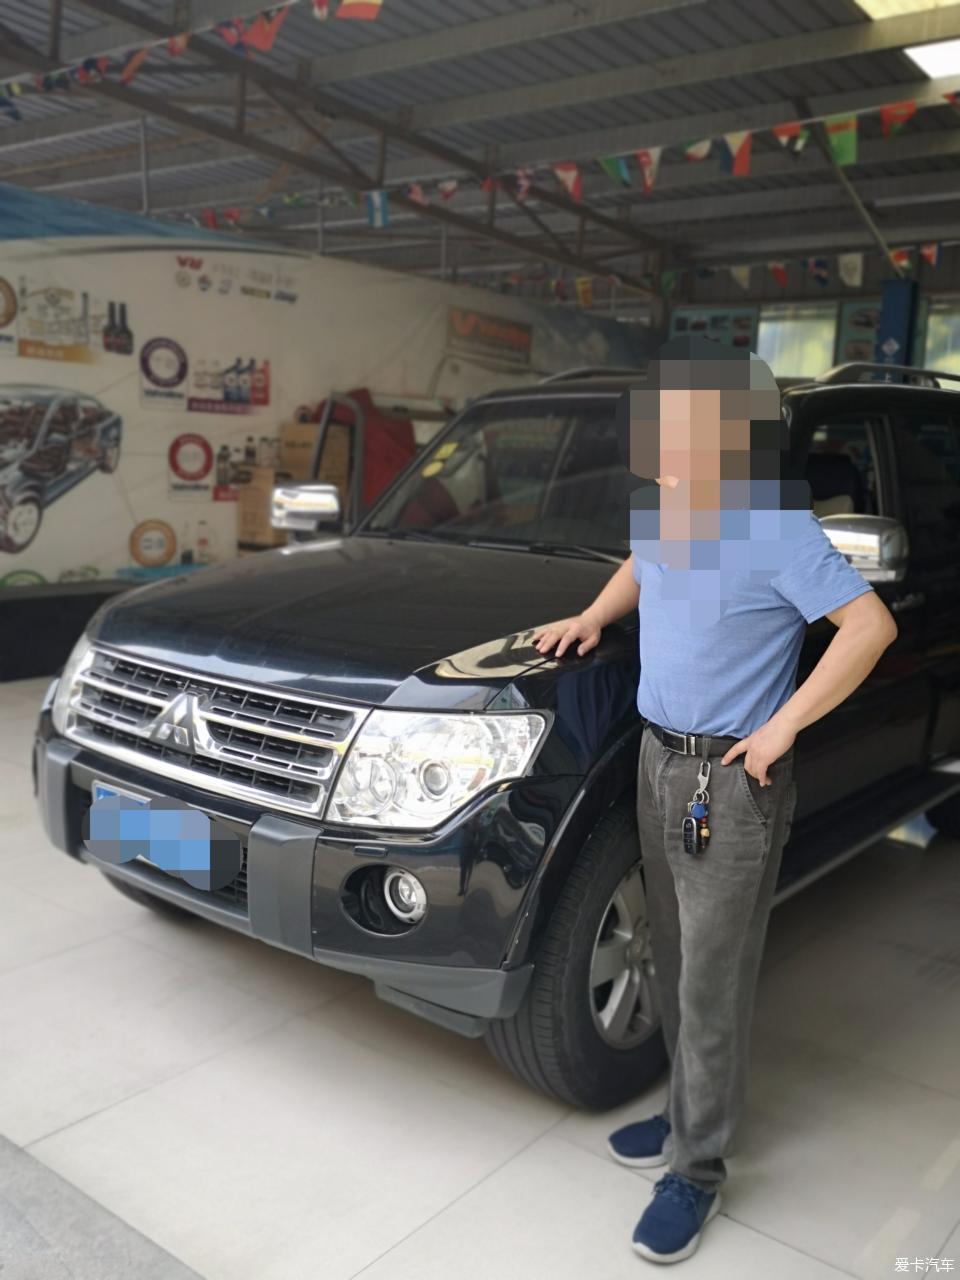 丰田威驰工厂设置暗码是多少 欧力威导航工厂暗码多少【轿车年代网】